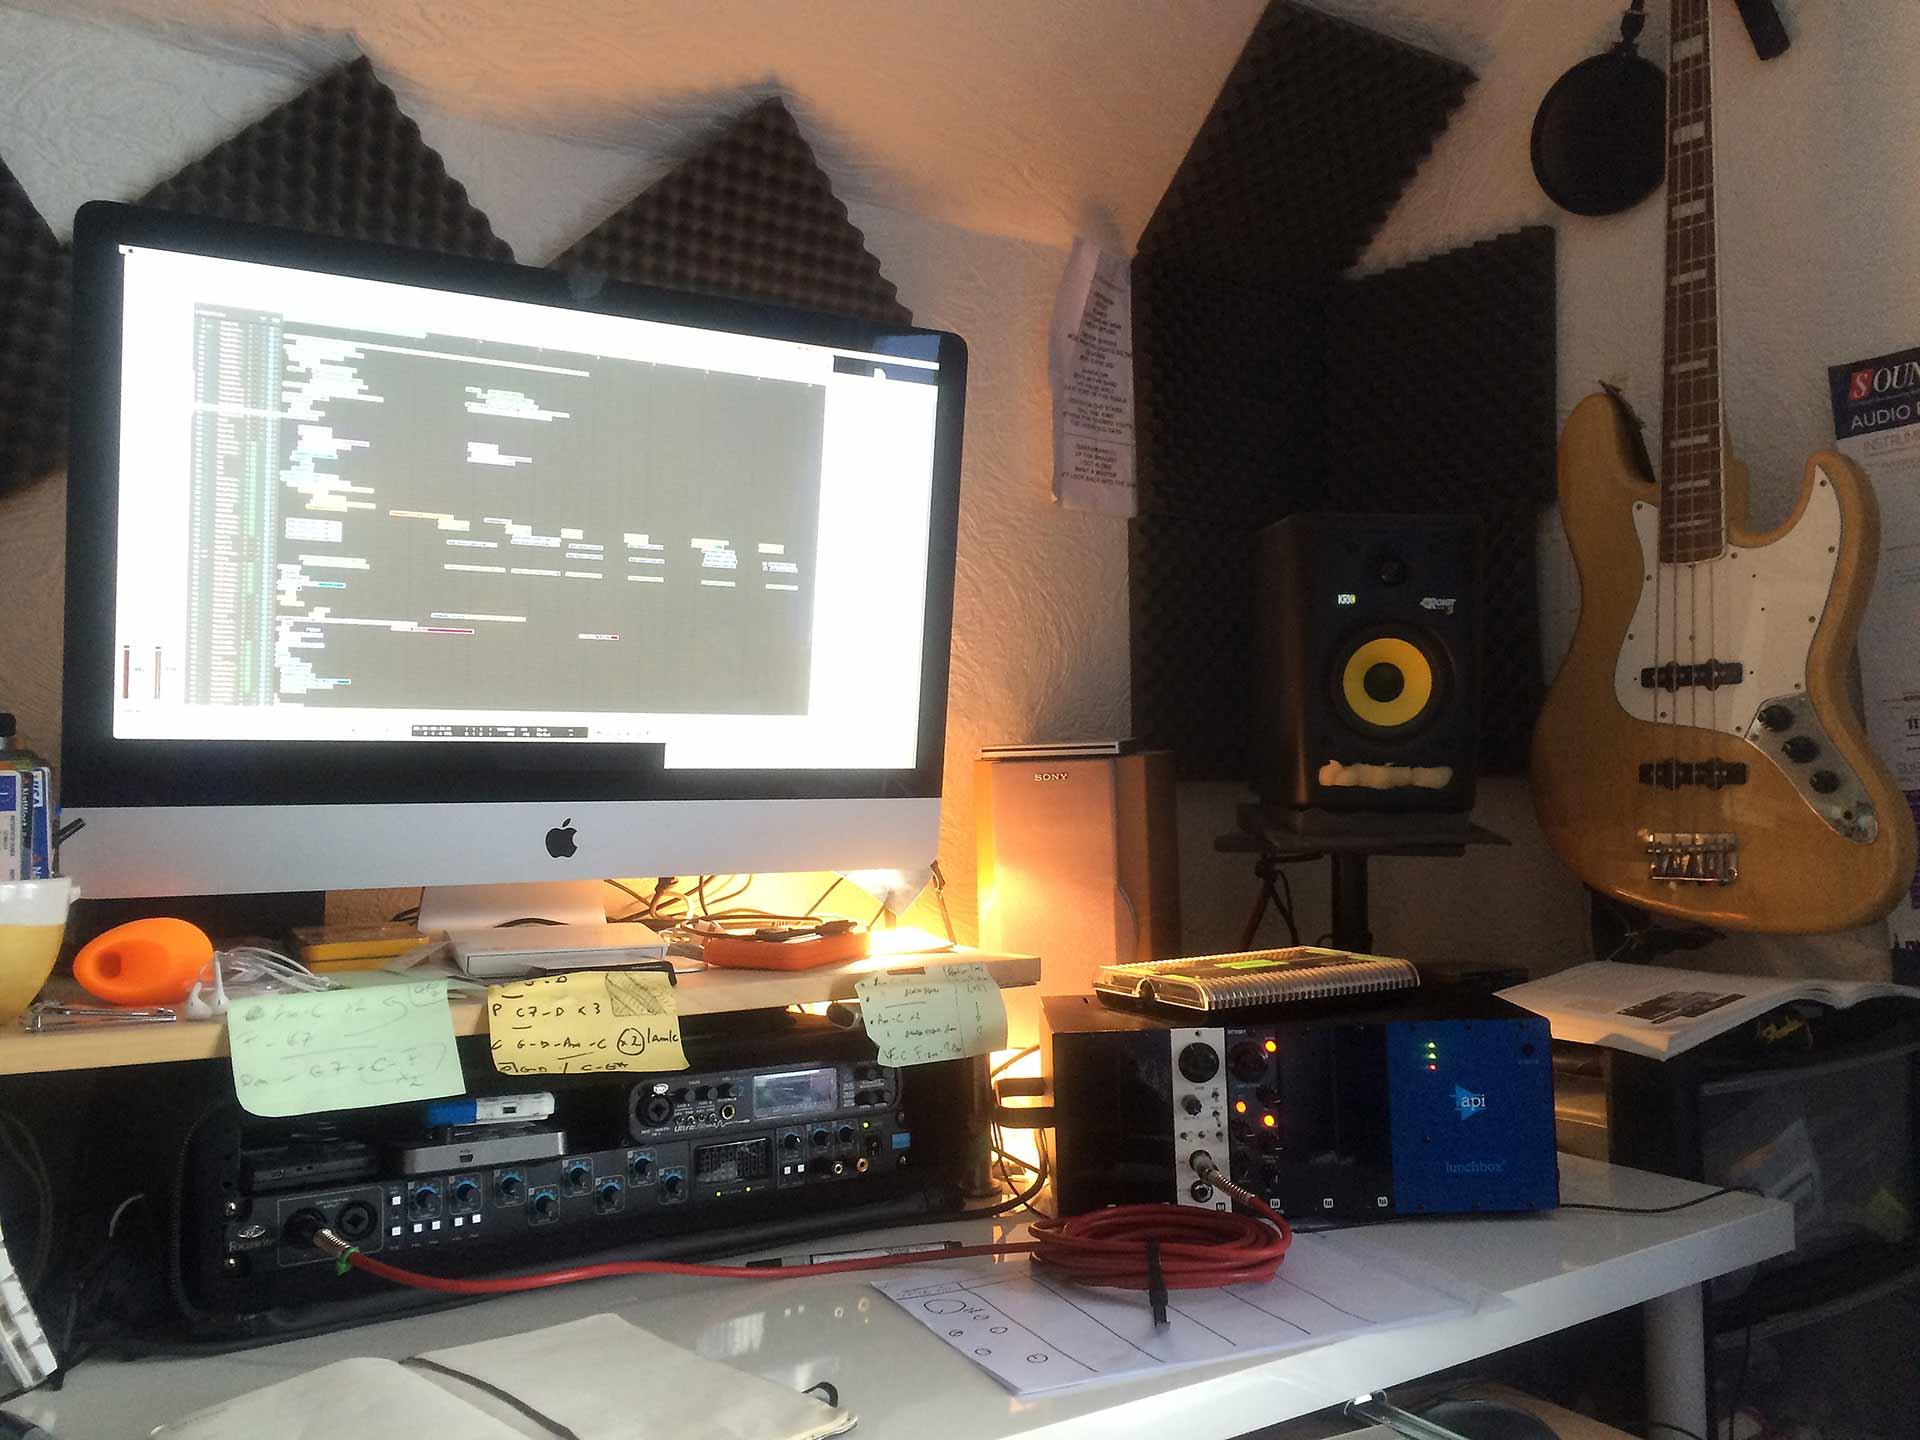 iBc studio for Video Game Sound Design